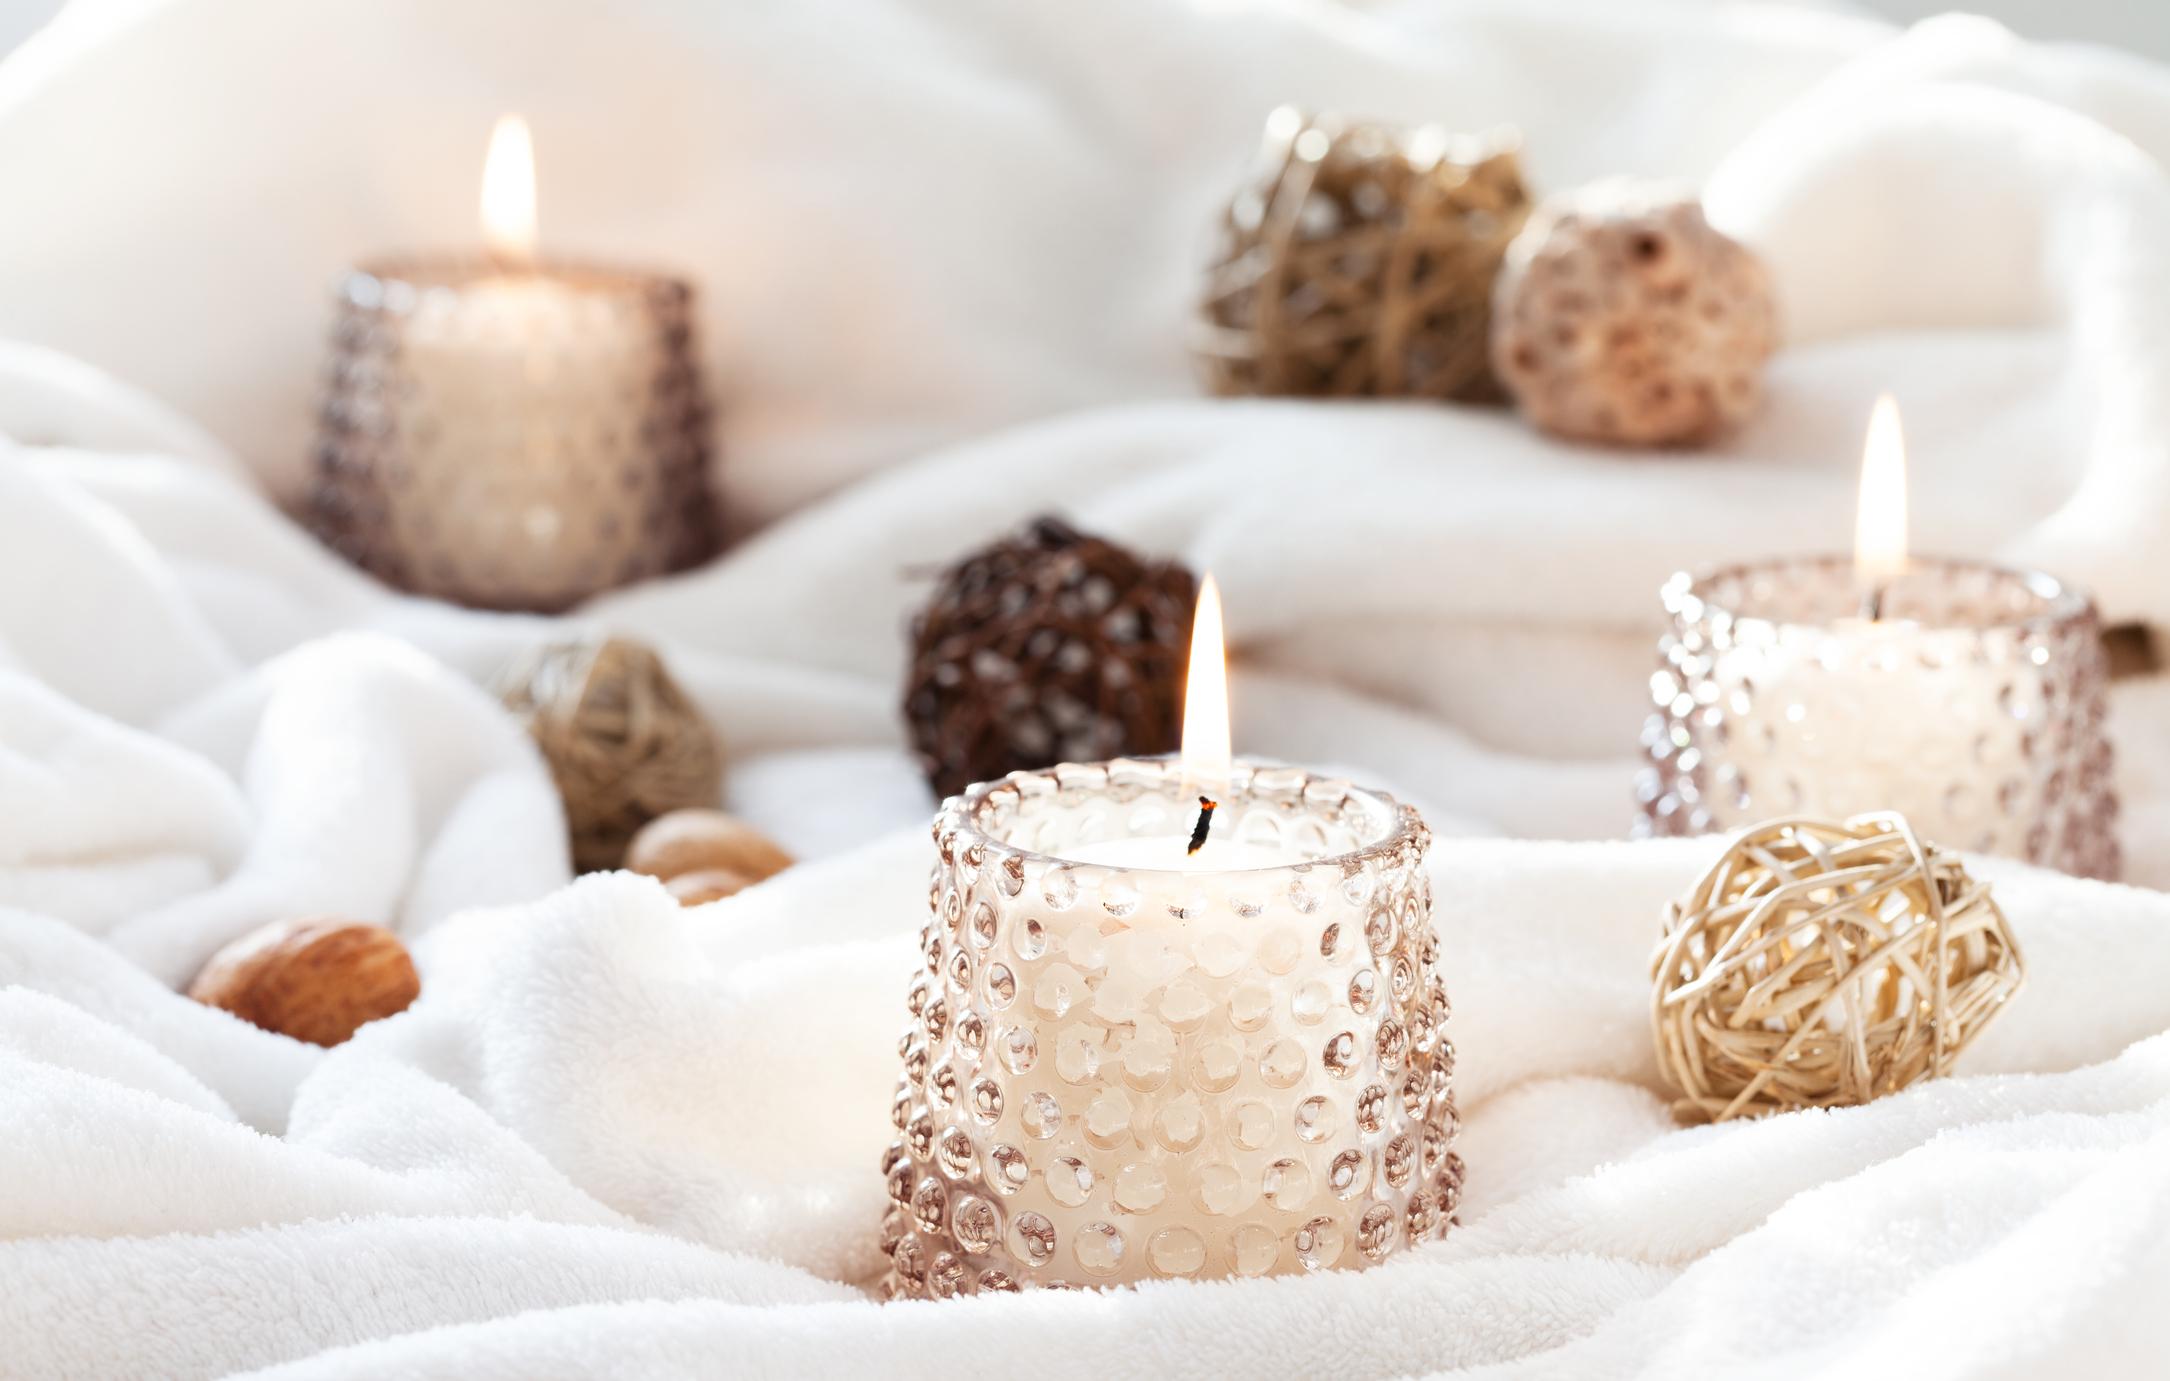 <p>Свещ</p>  <p>Свещите създават уют, романтика и напомнят на двойките, че трябва да си отделят повече време заедно. Ако ще поднасяте подарък за ваши приятели, които празнуват първата си Коледа заедно, свещта е един от най-доброто решение. Все пак не забравяйте да им припомните, че въпреки забързаното ежедневие, трябва да си отделят малко време един за друг.</p>